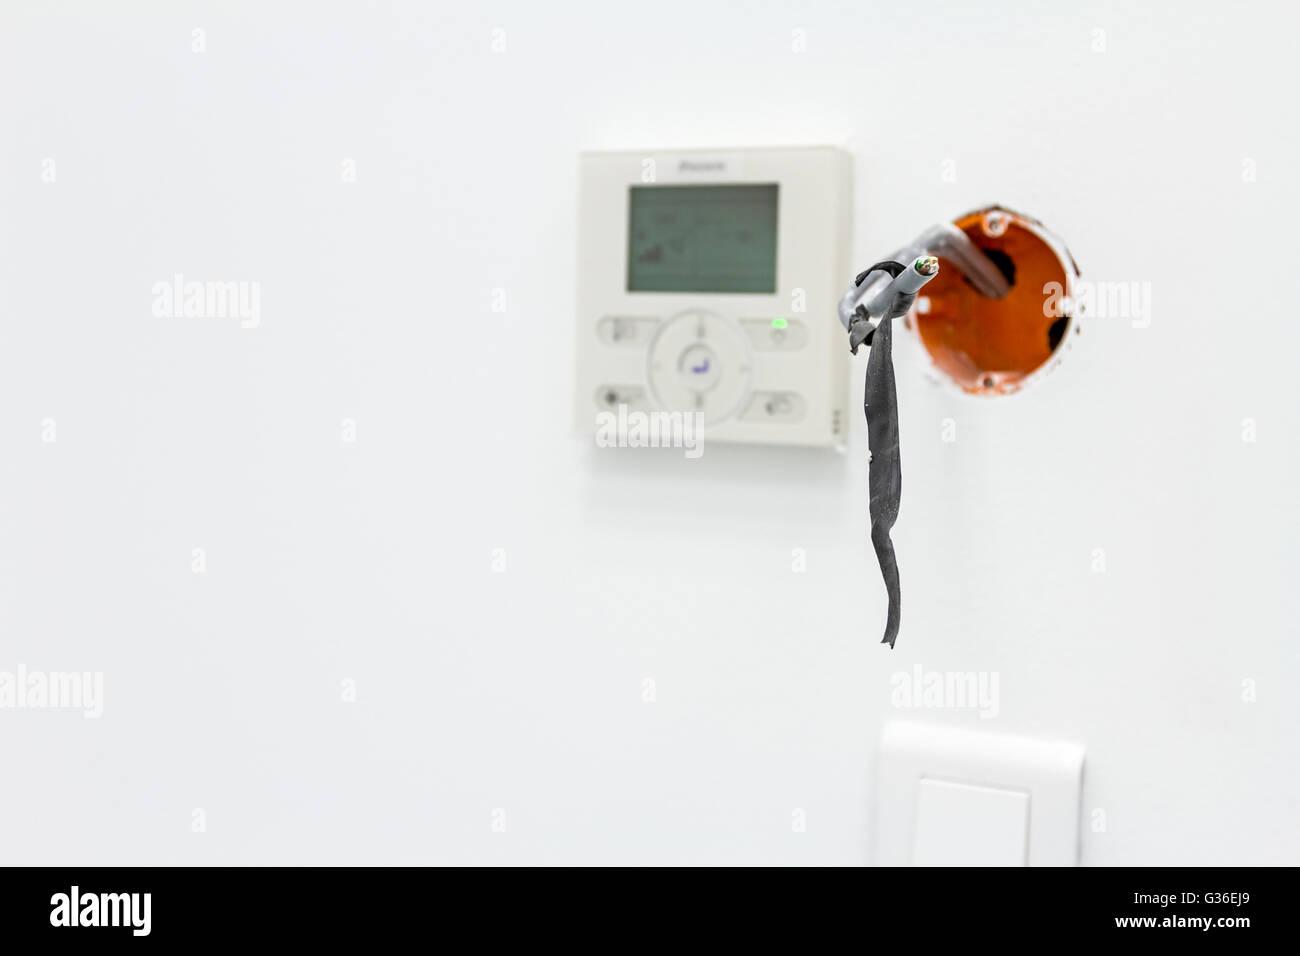 Moderne Digitale Elektronische Thermostat Klima Steuerung Im